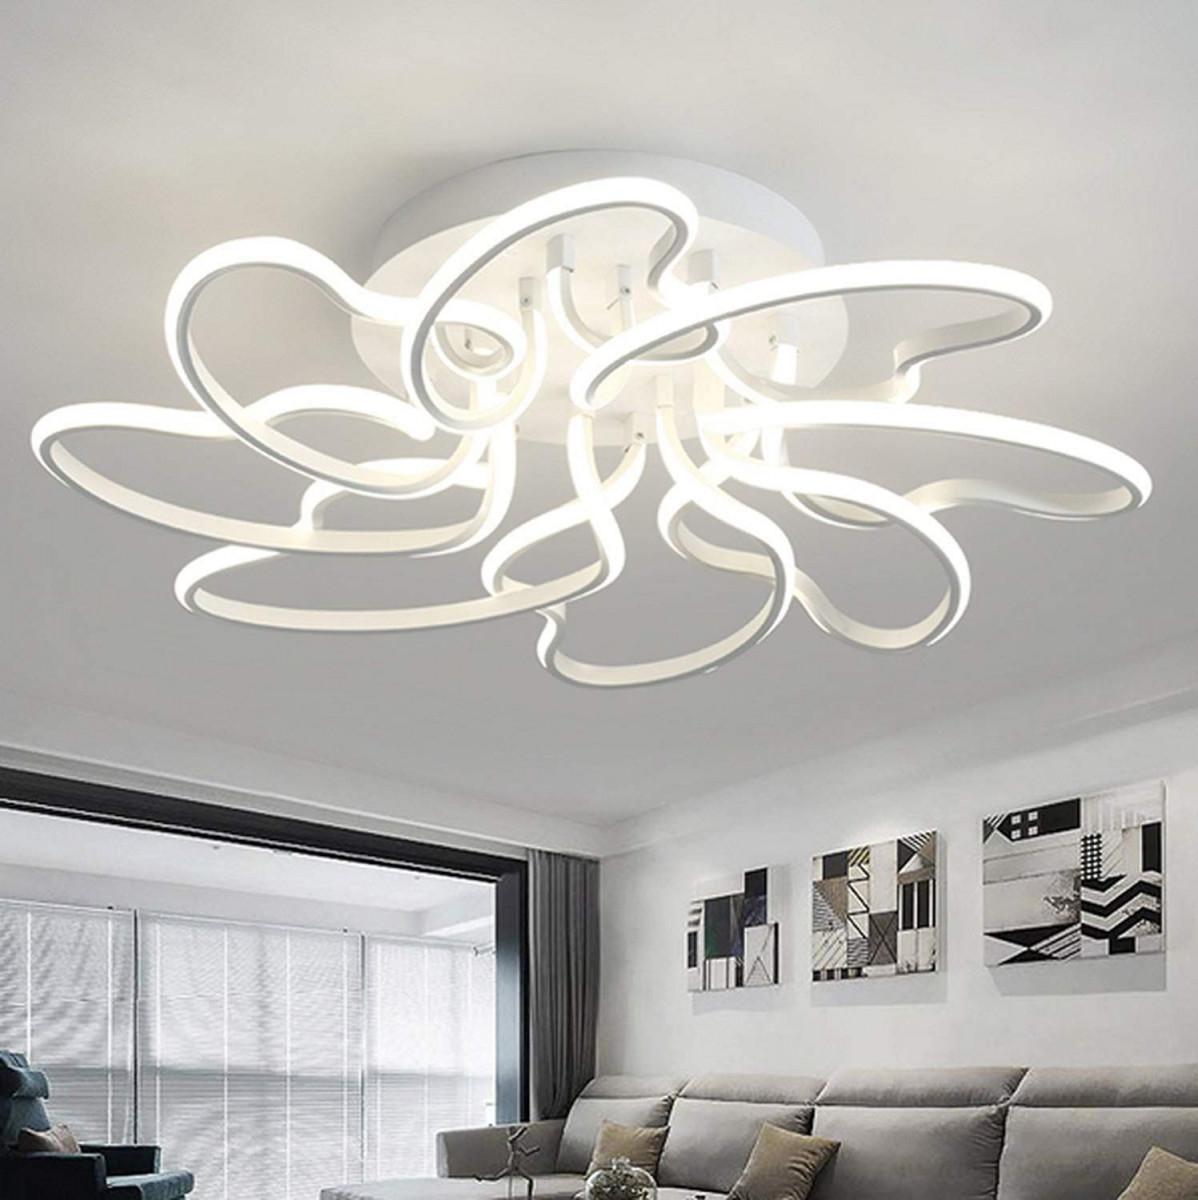 Moderne Deckenleuchten Für Wohnzimmer Arbeitszimmer von Wohnzimmer Deckenlampe Modern Bild